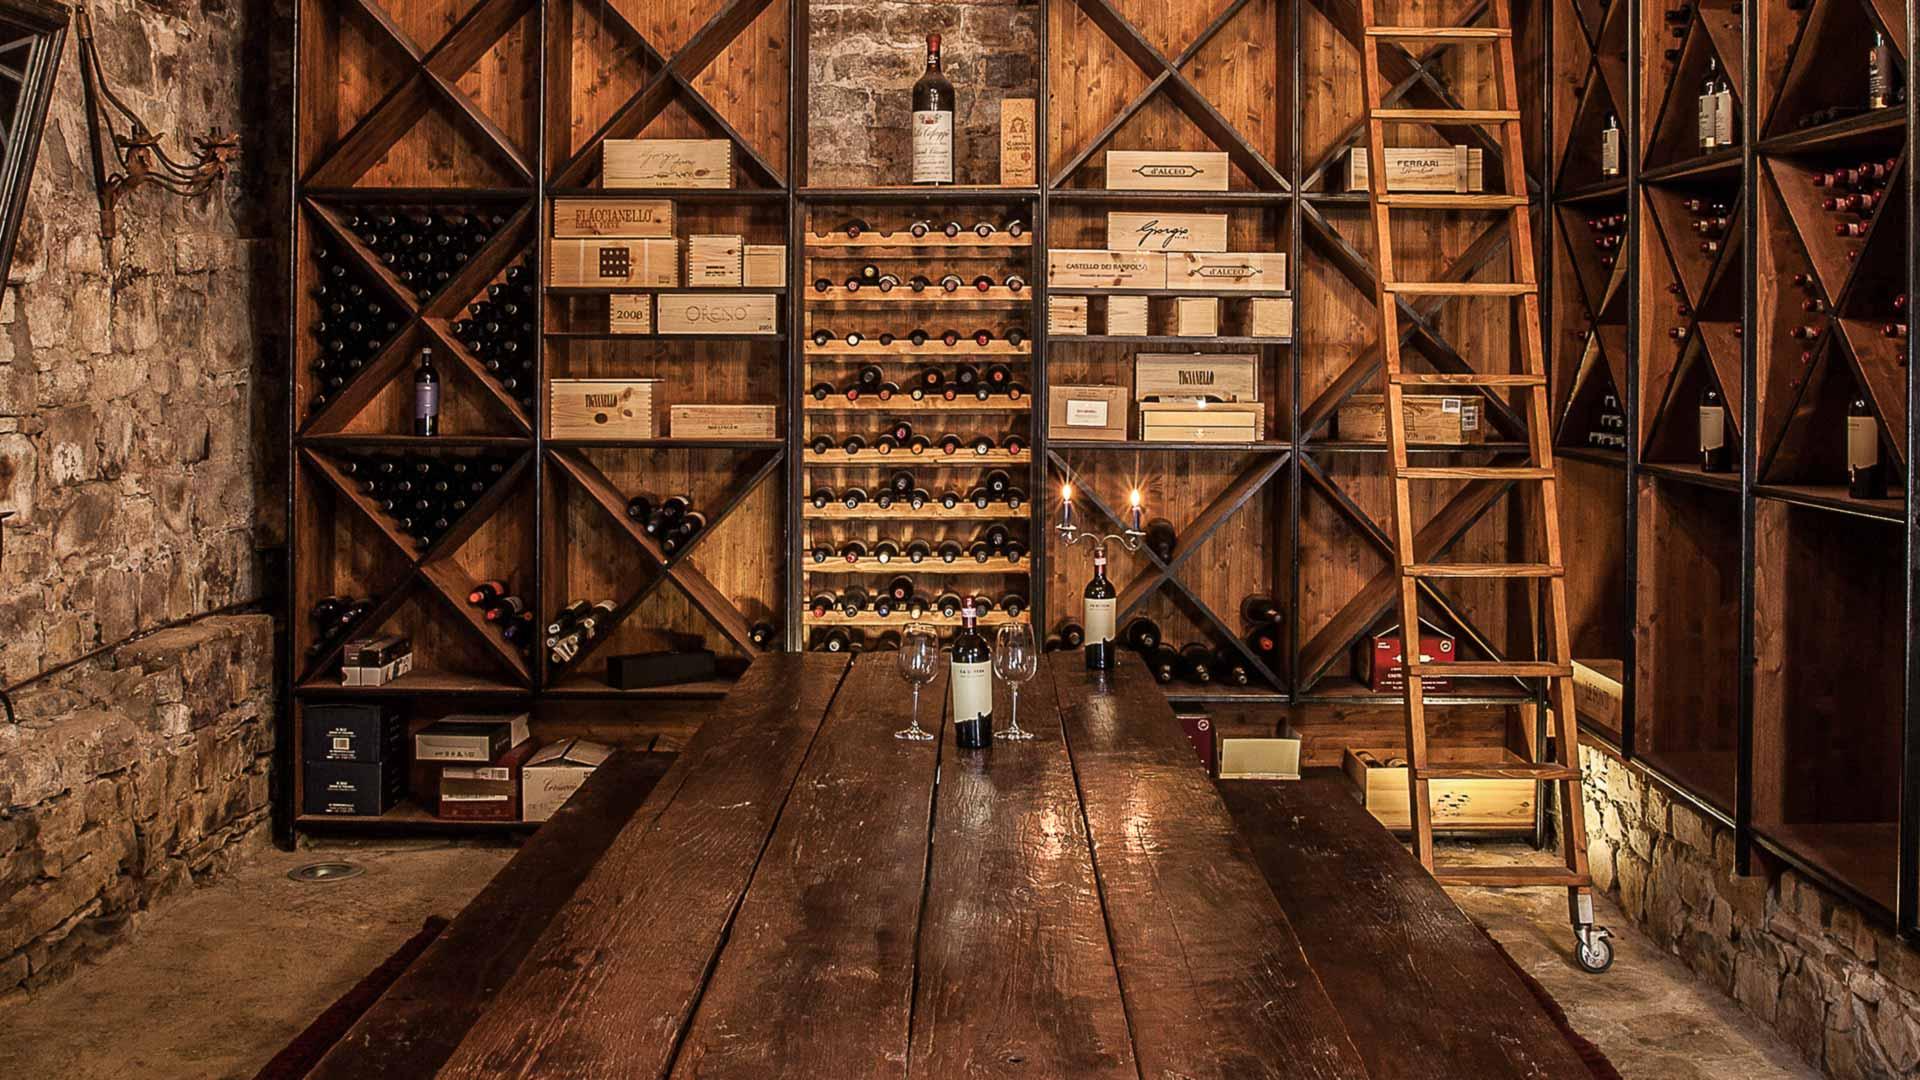 The villa's cellar.